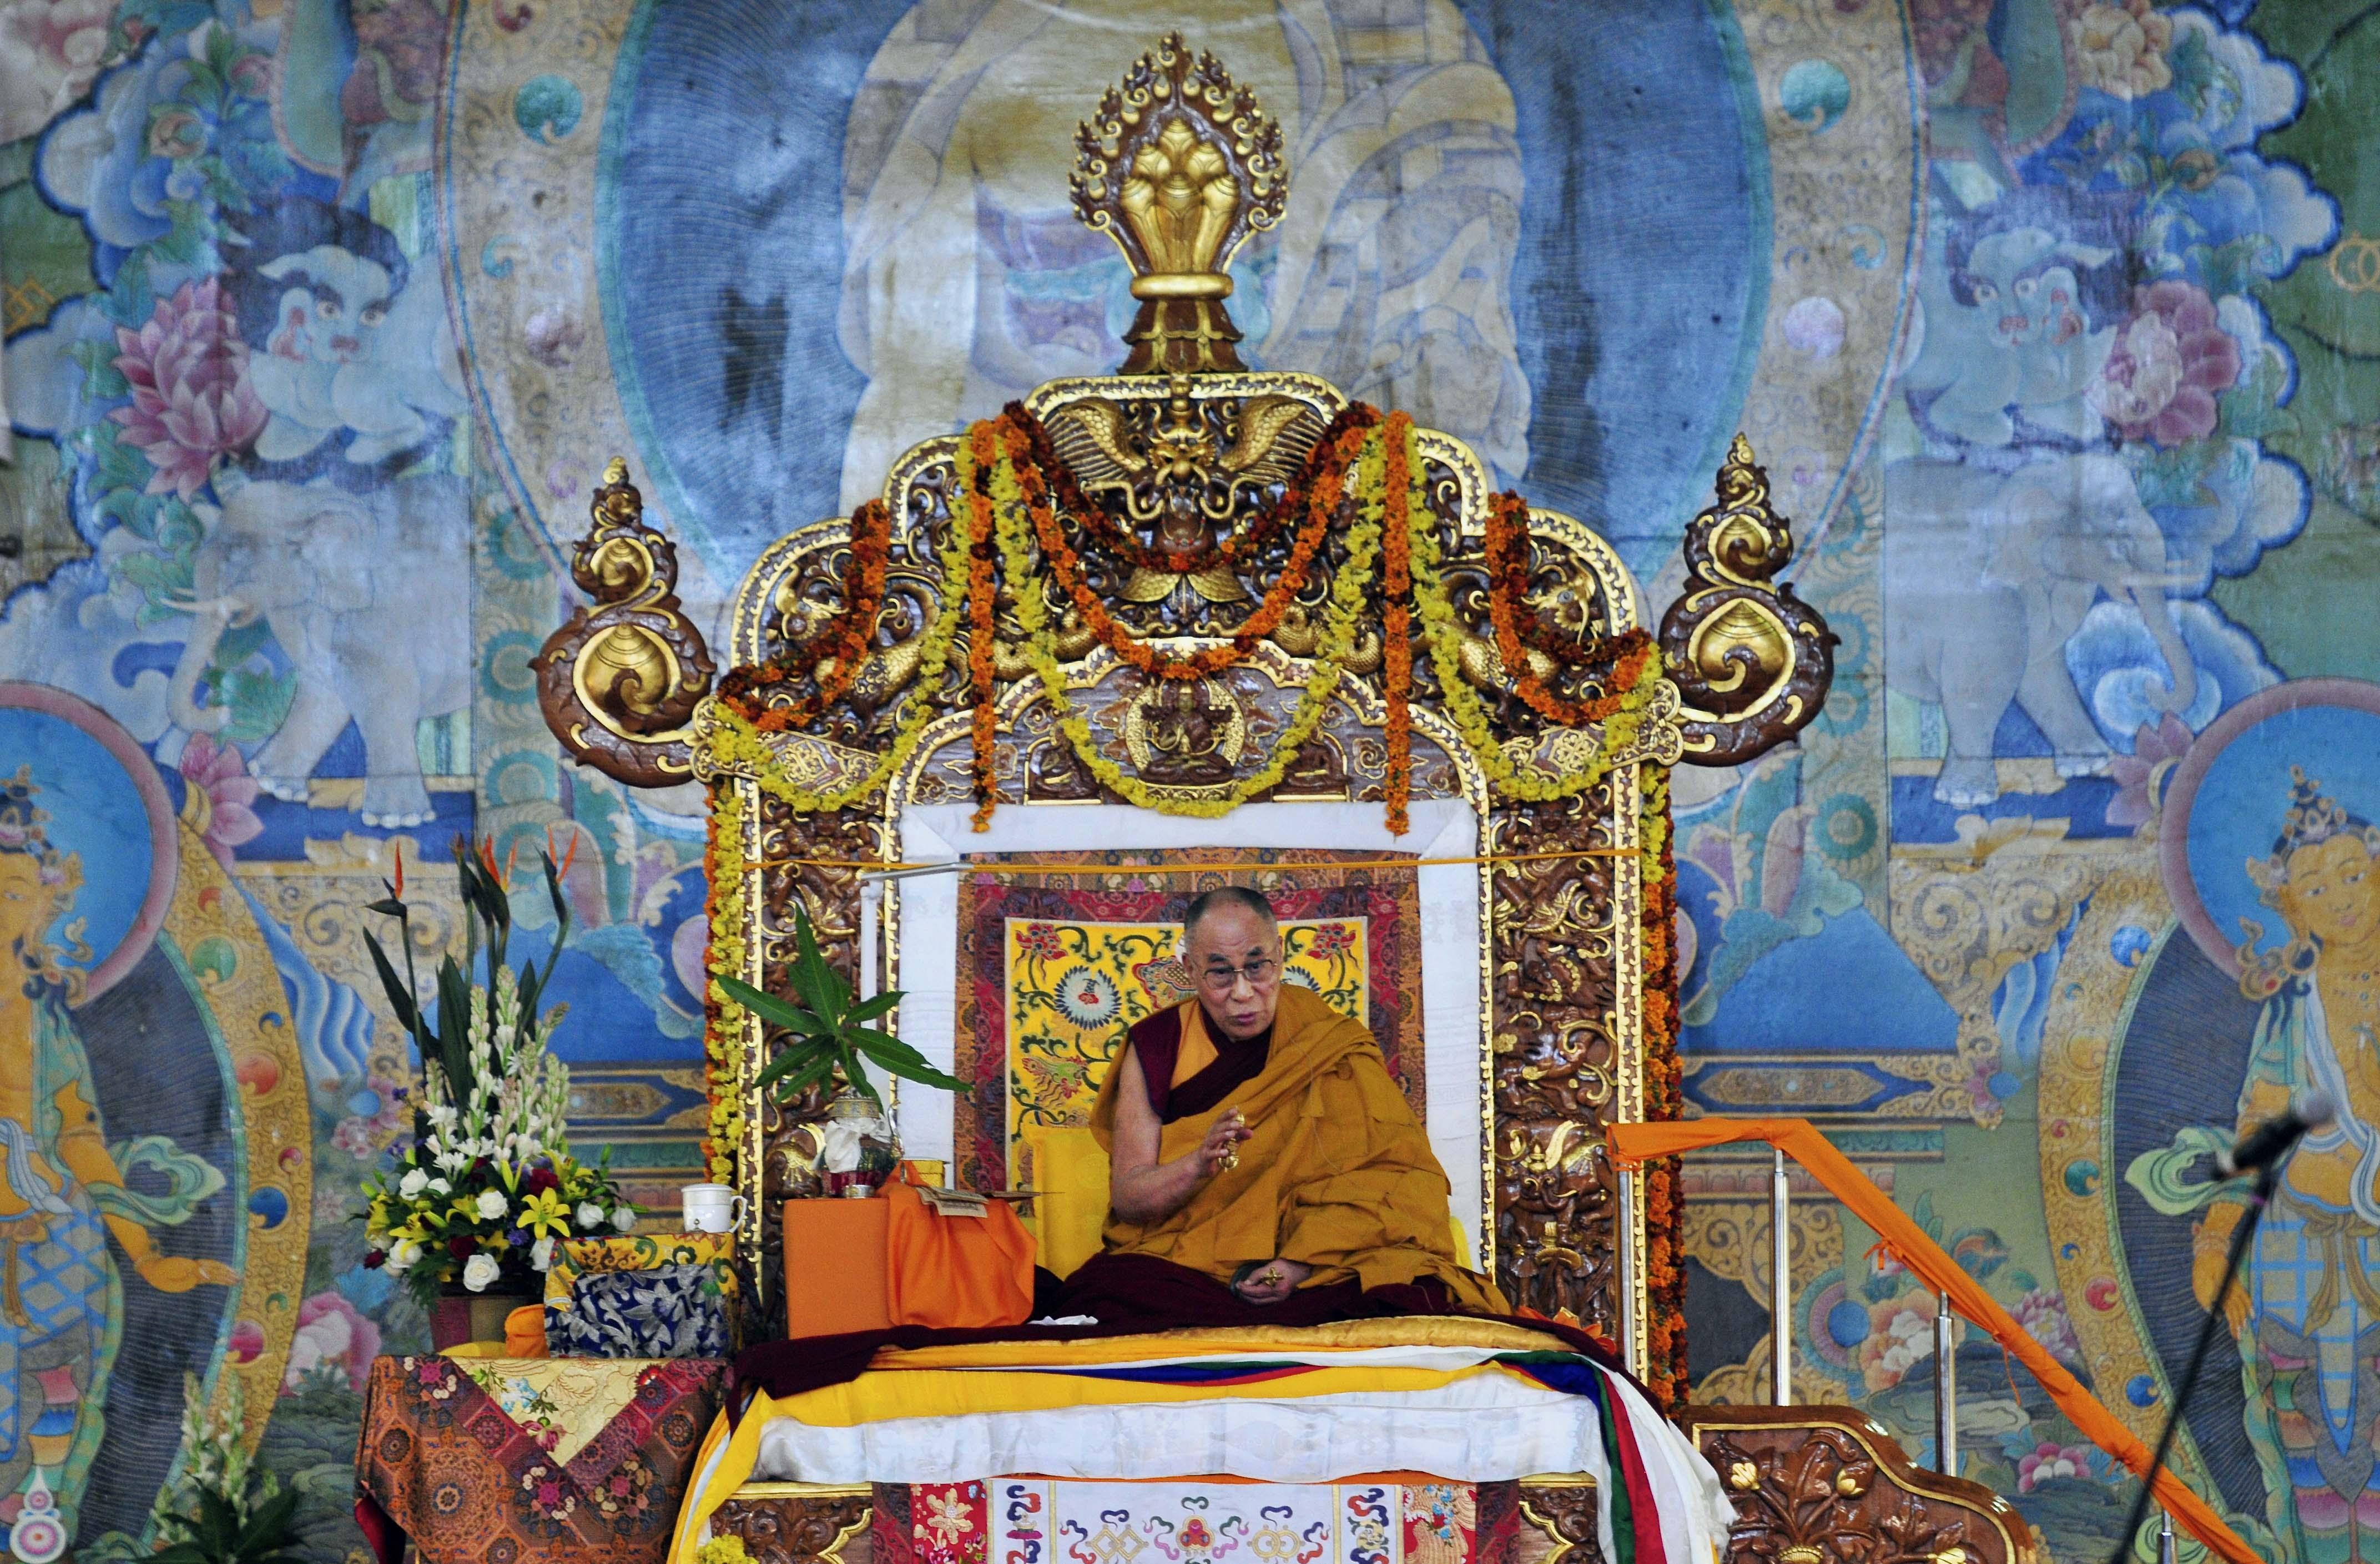 Bylakuppe-Tibetan Settlement